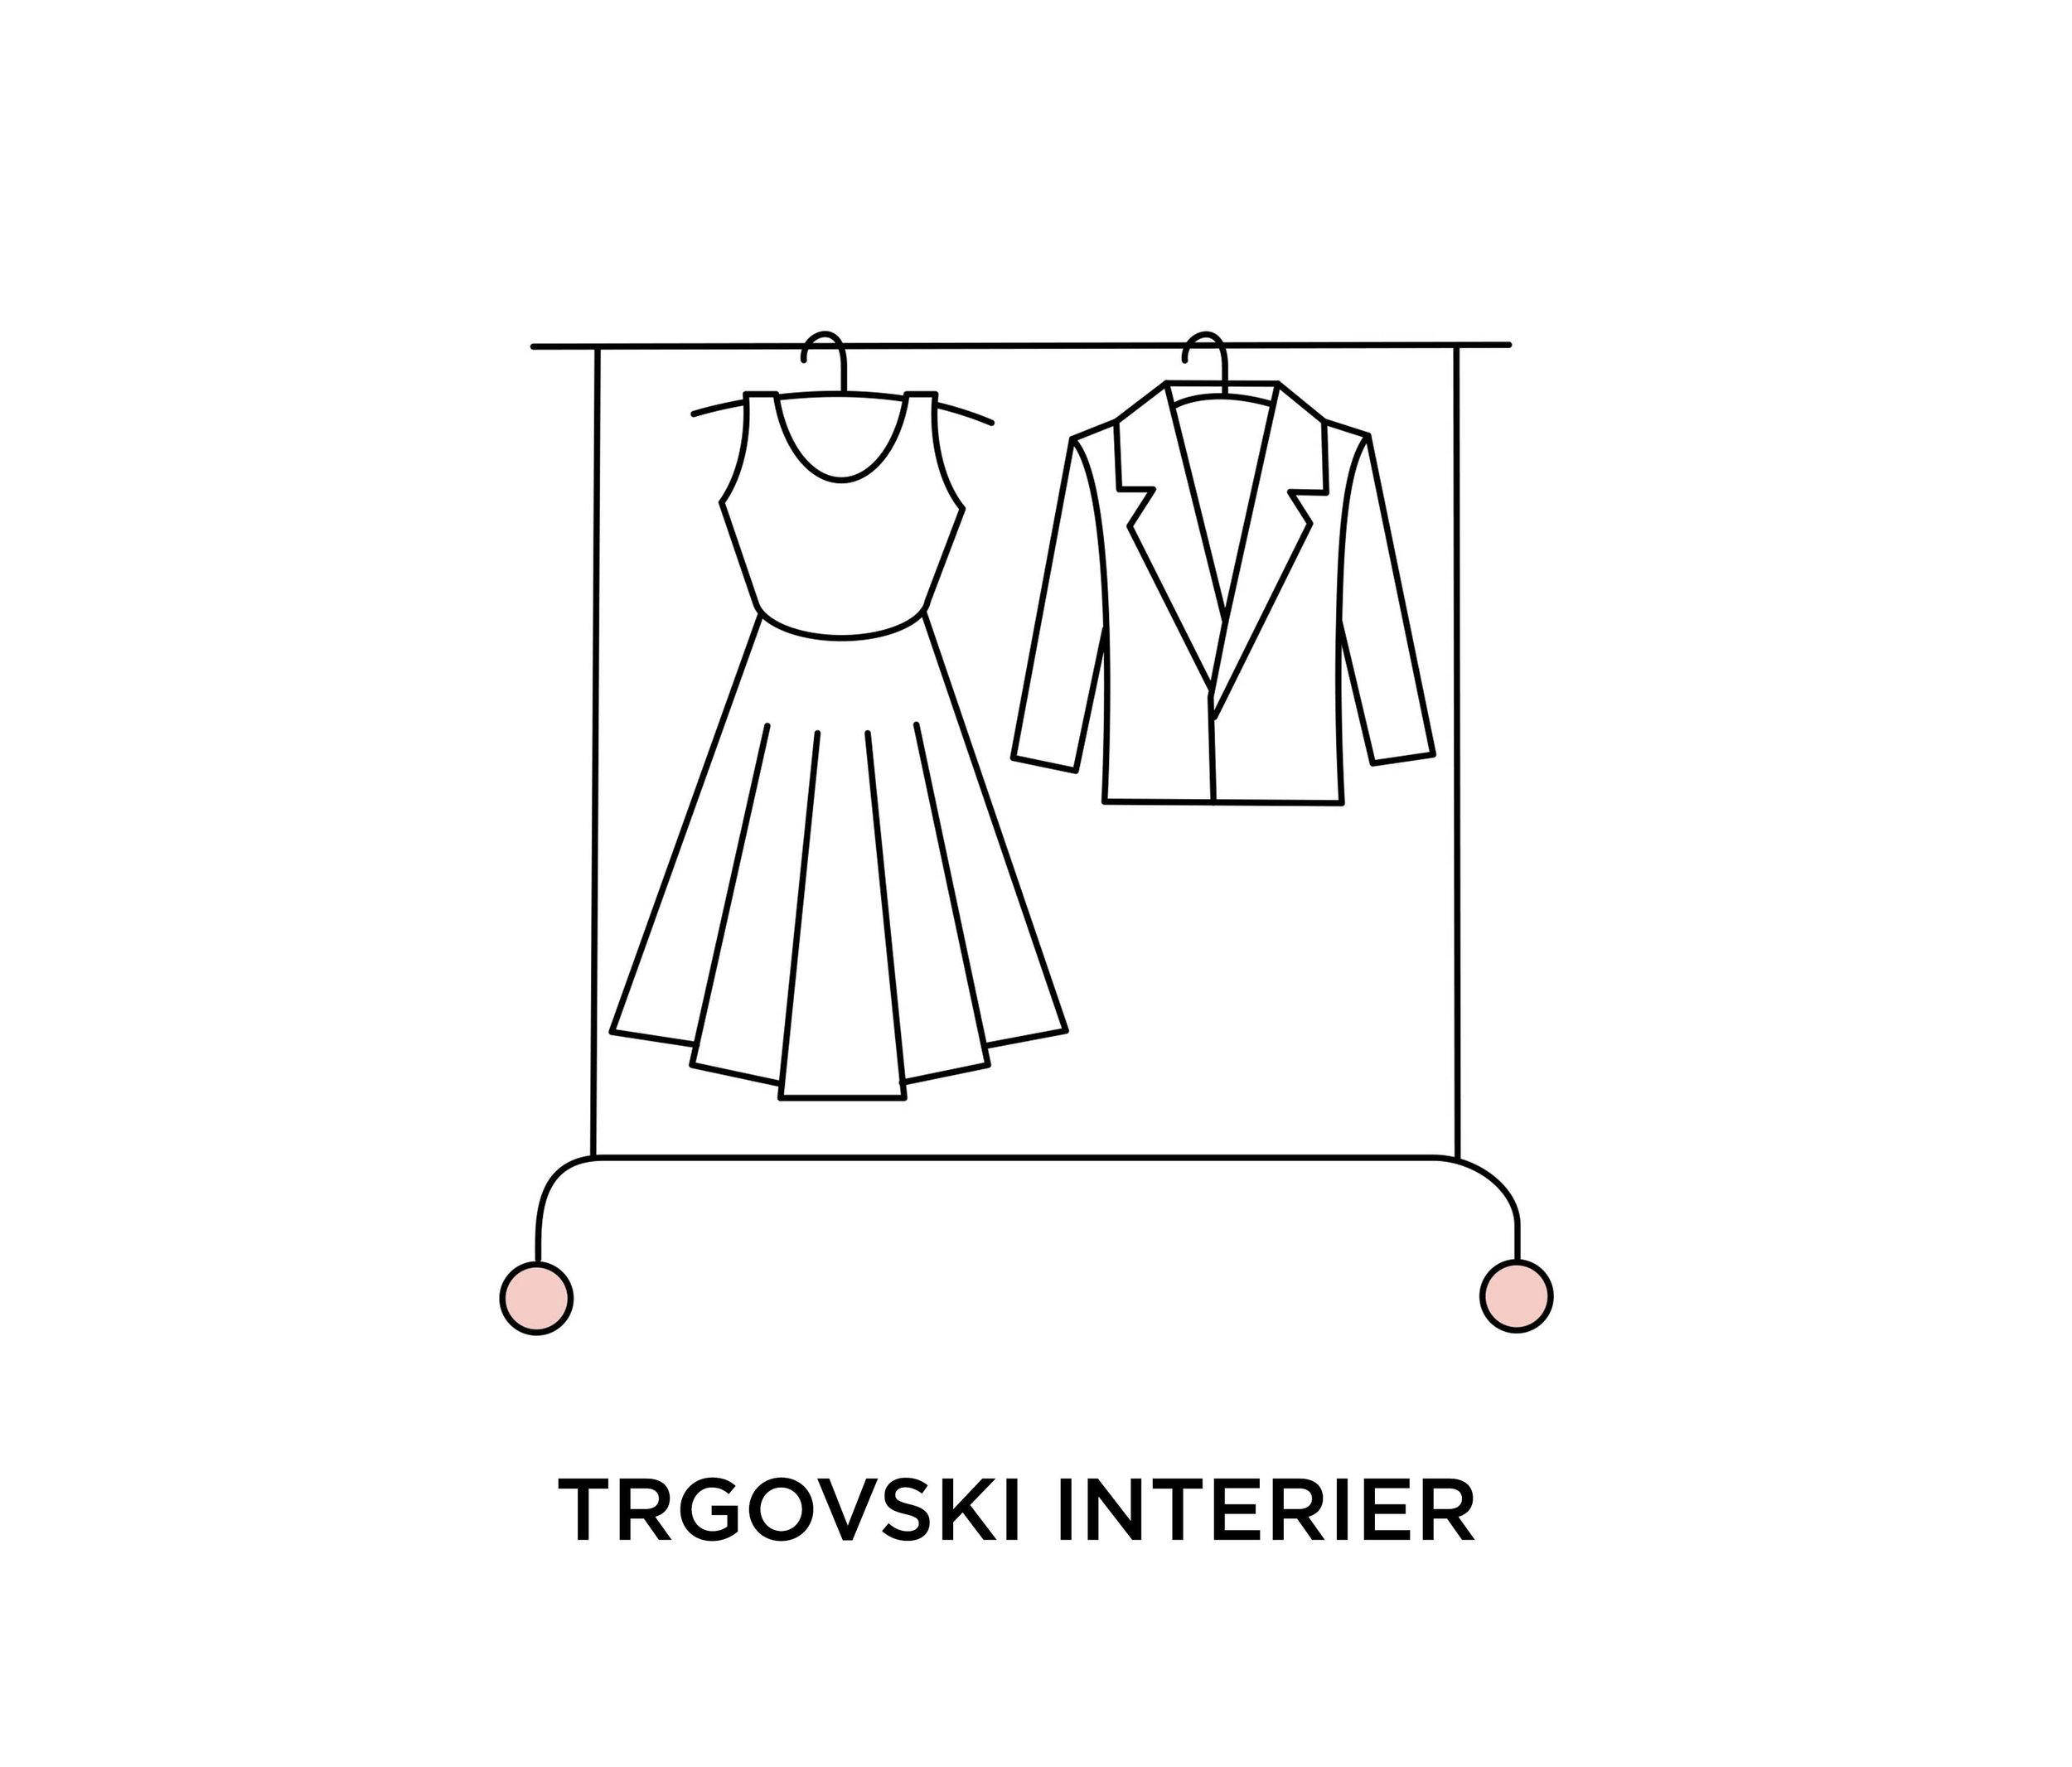 Trgovski interier - Idejna zasnova prodajnih površin.